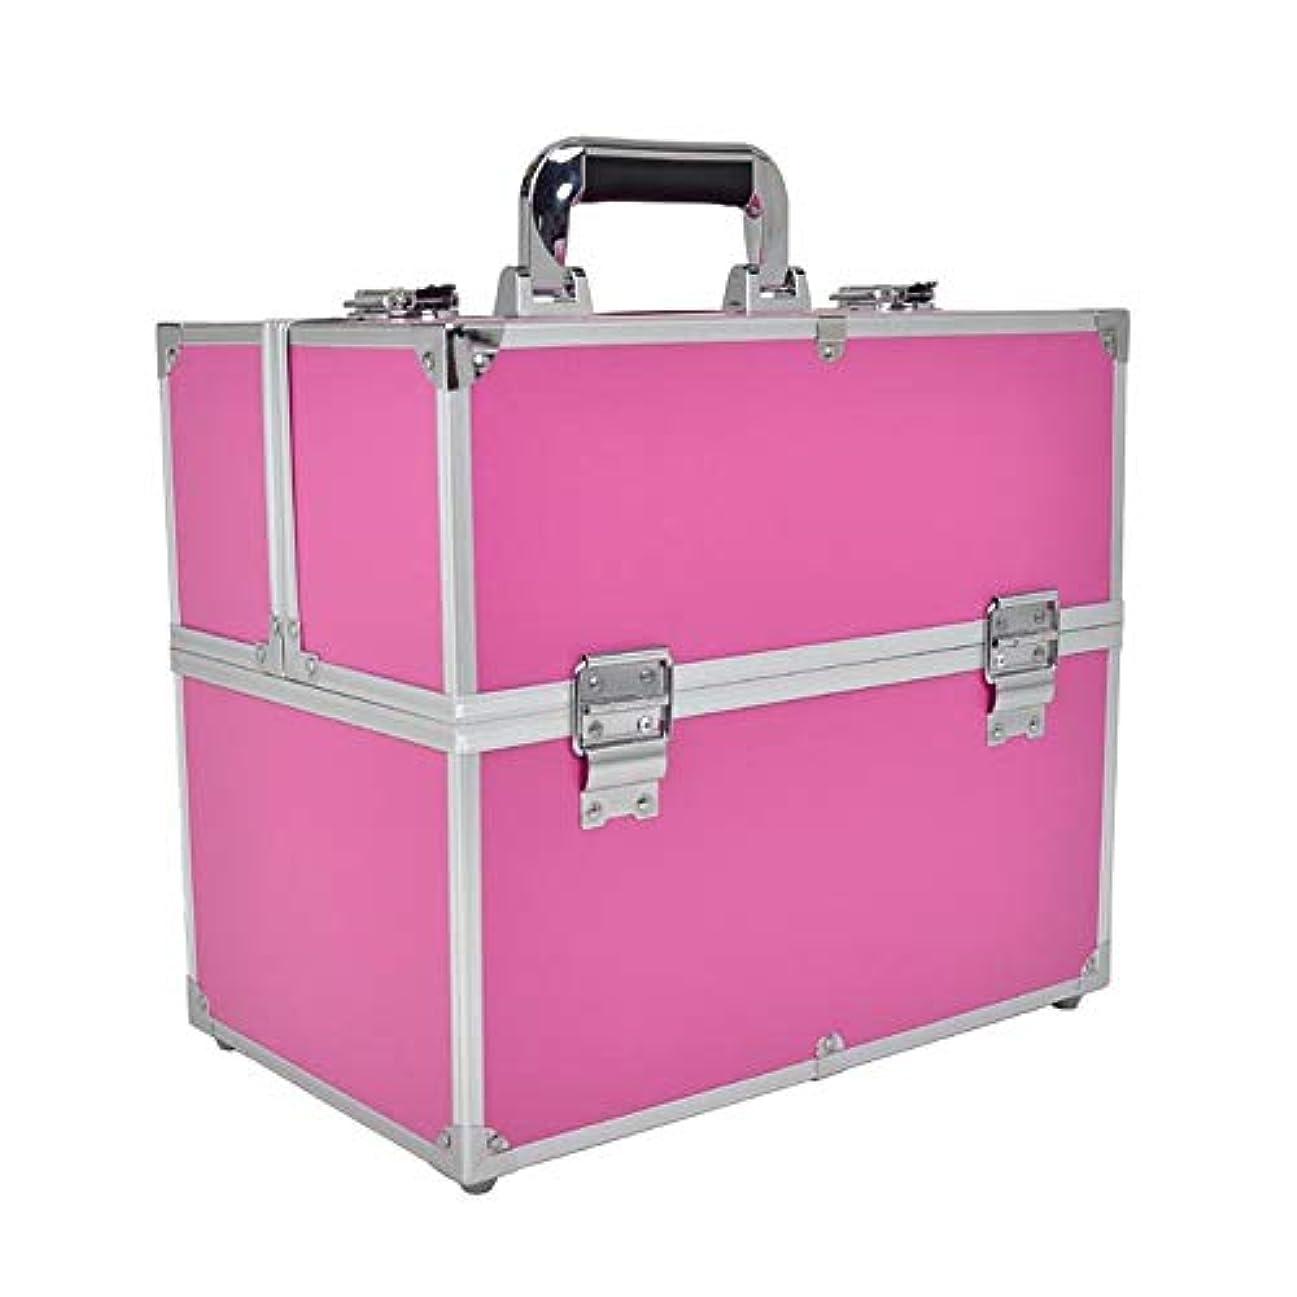 地震強風パーツ化粧オーガナイザーバッグ 6トレイの小さなものの種類のための旅行のための美容メイクアップのための大容量大容量化粧品ケース 化粧品ケース